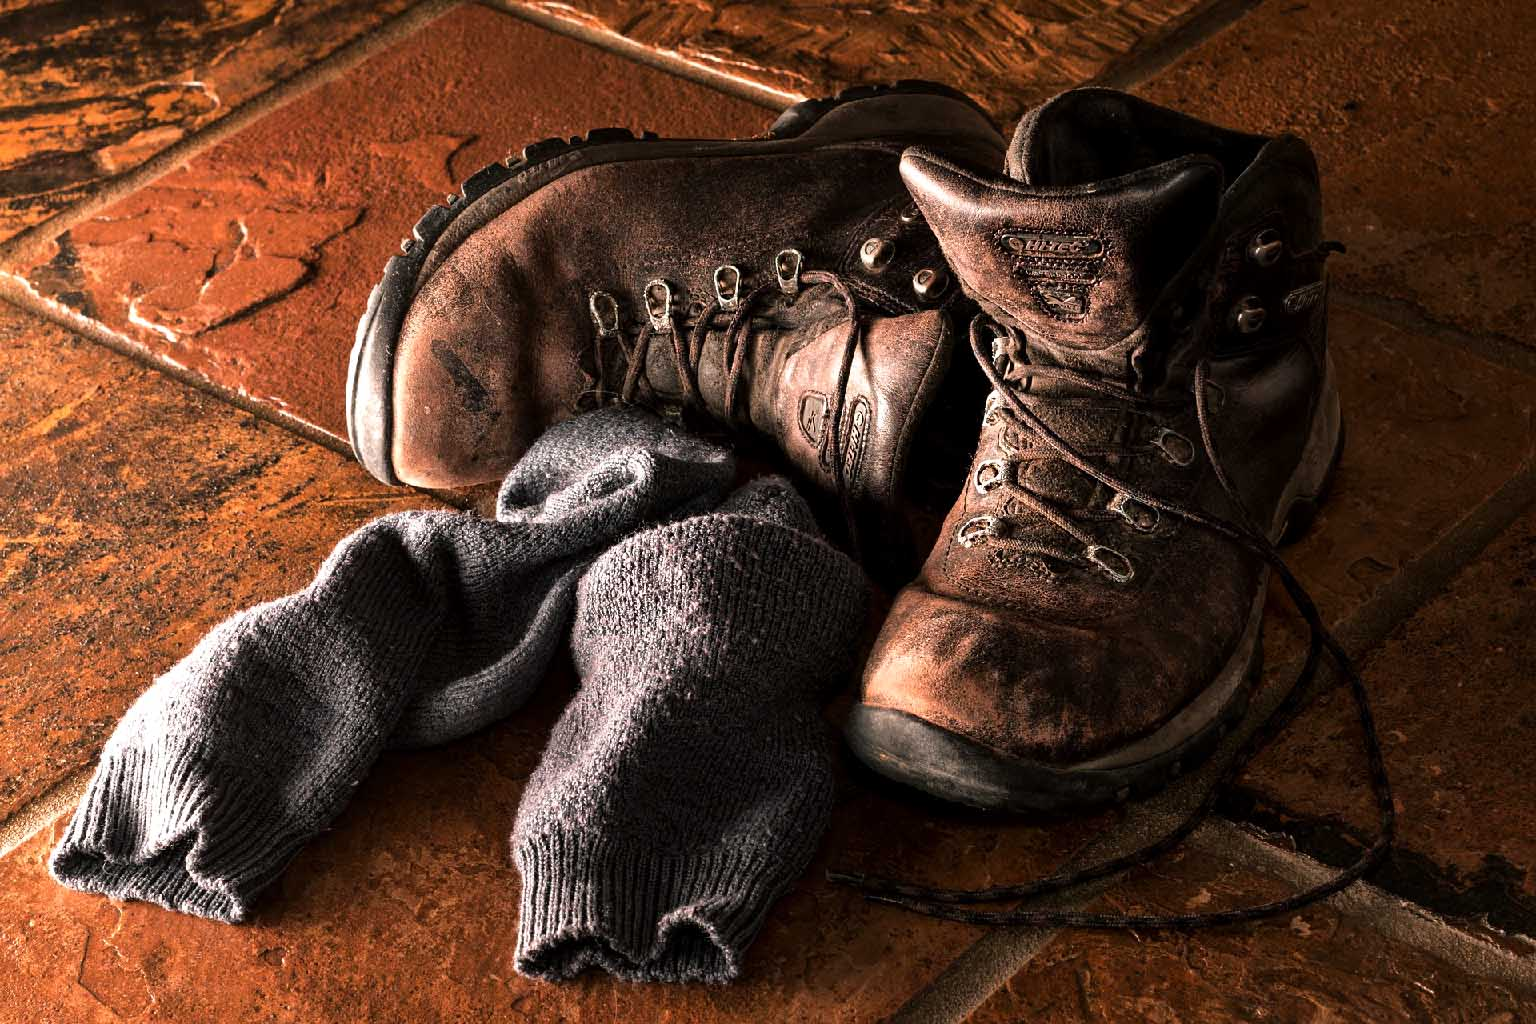 ammirazione Peggiorando pistola  Scarpe che Puzzano: Come Rimuovere Gli Odori - Scarpe Giuste